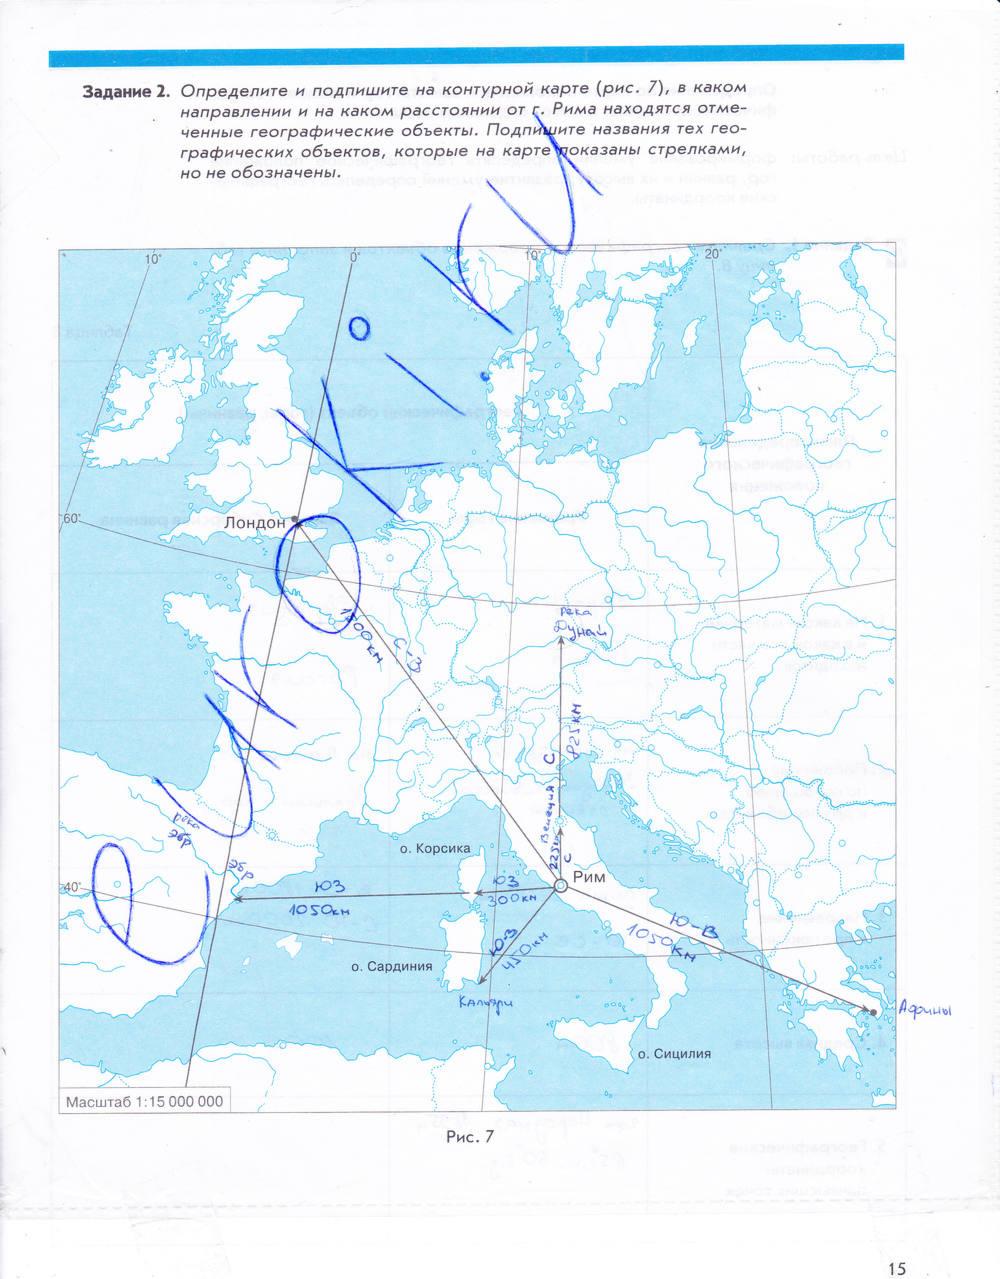 по контурной сиротин карте класс географии 7 гдз